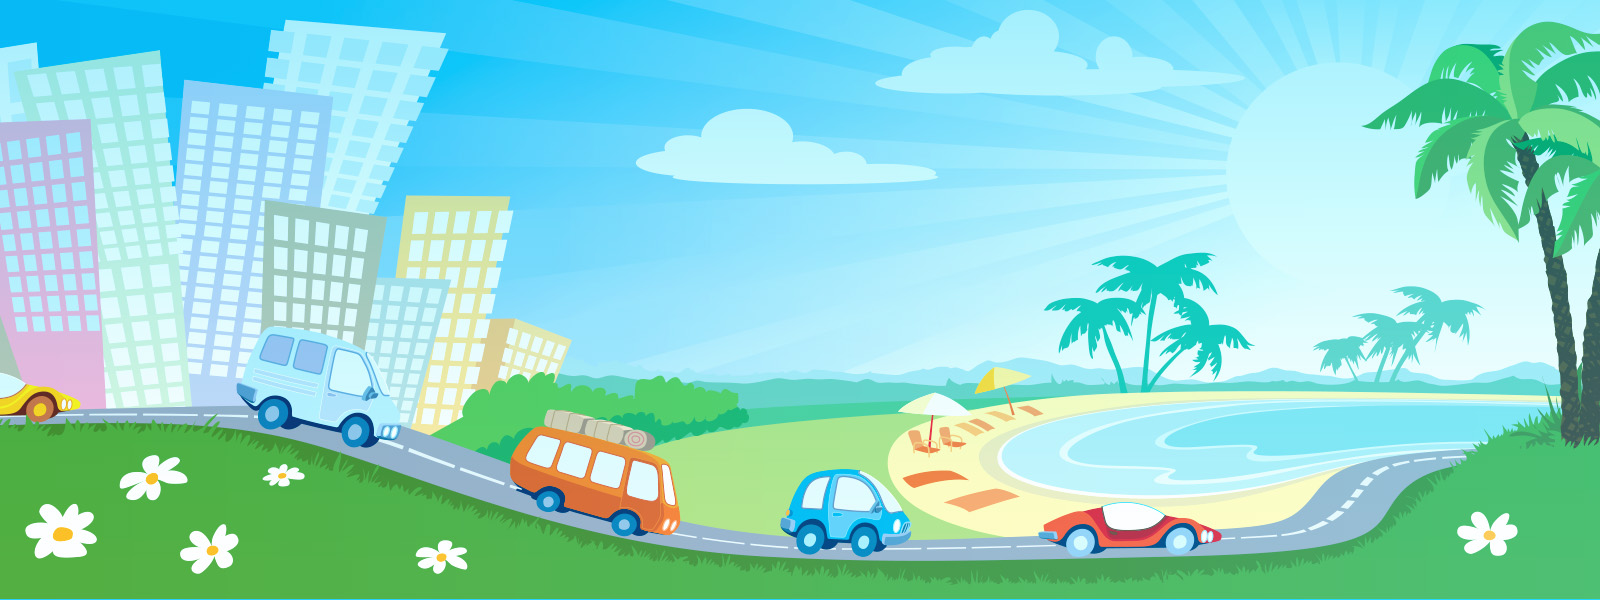 Dicas para proteger seu carro da maresia